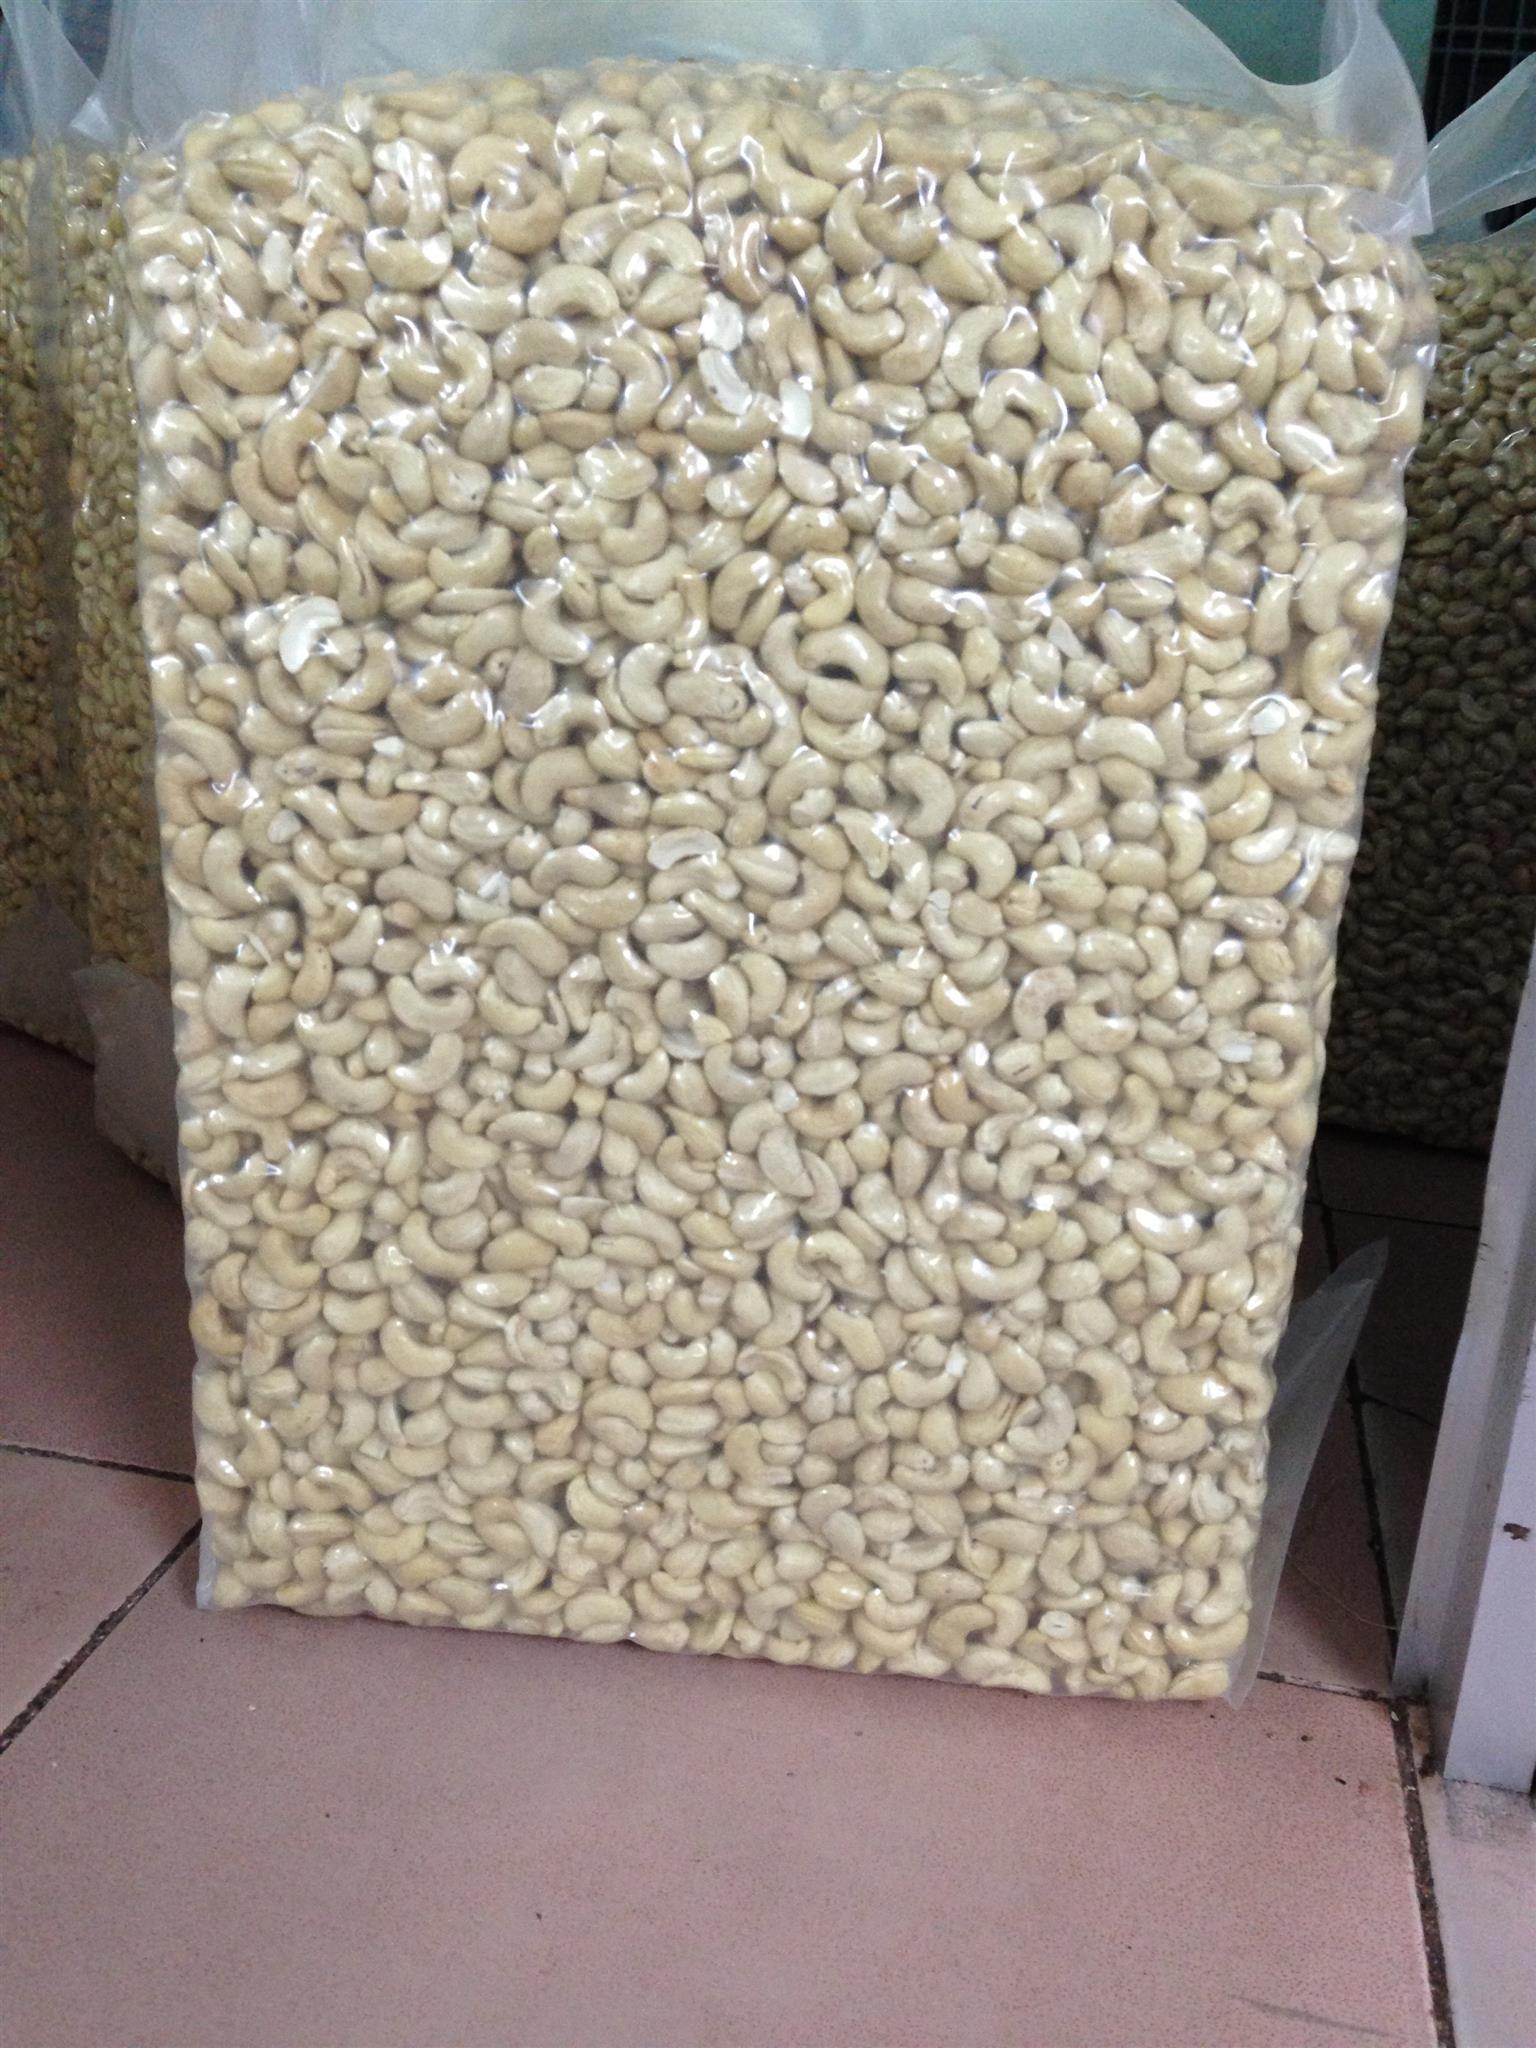 Cashew Nuts WW240, WW320,WW450 For sale